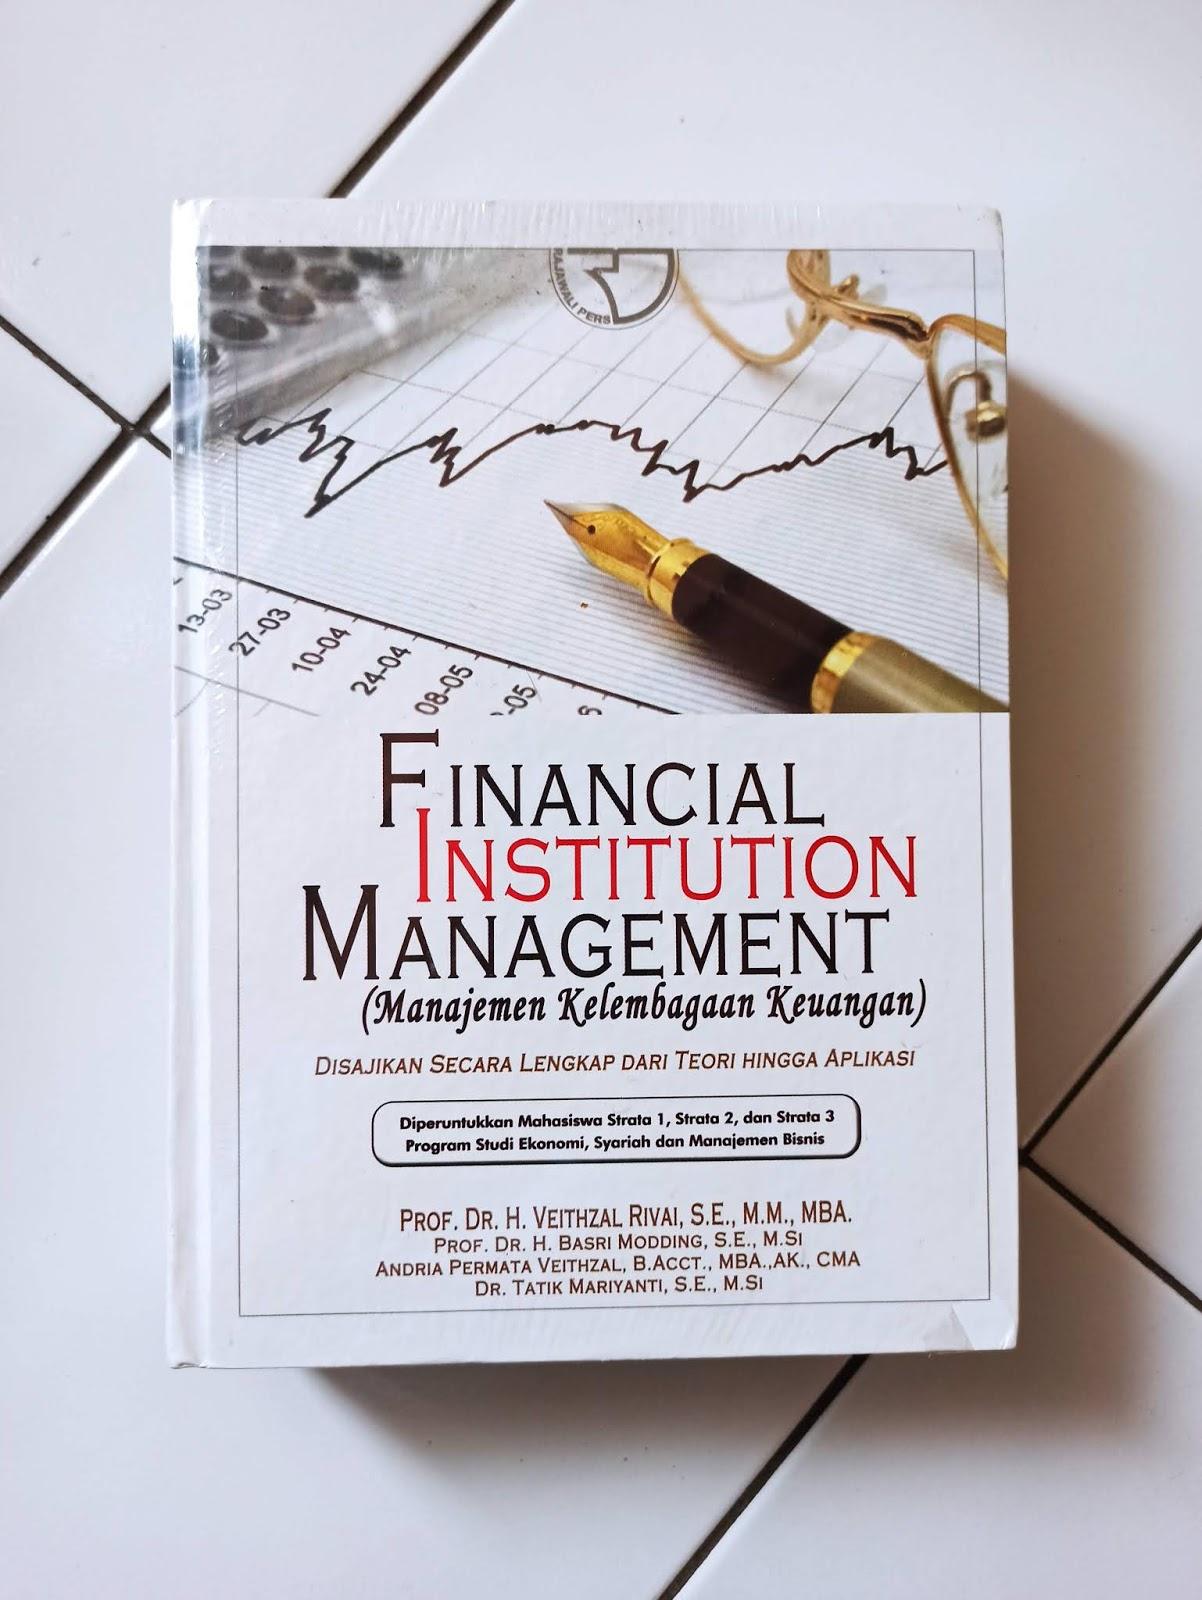 Manajemen Kelembagaan Keuangan